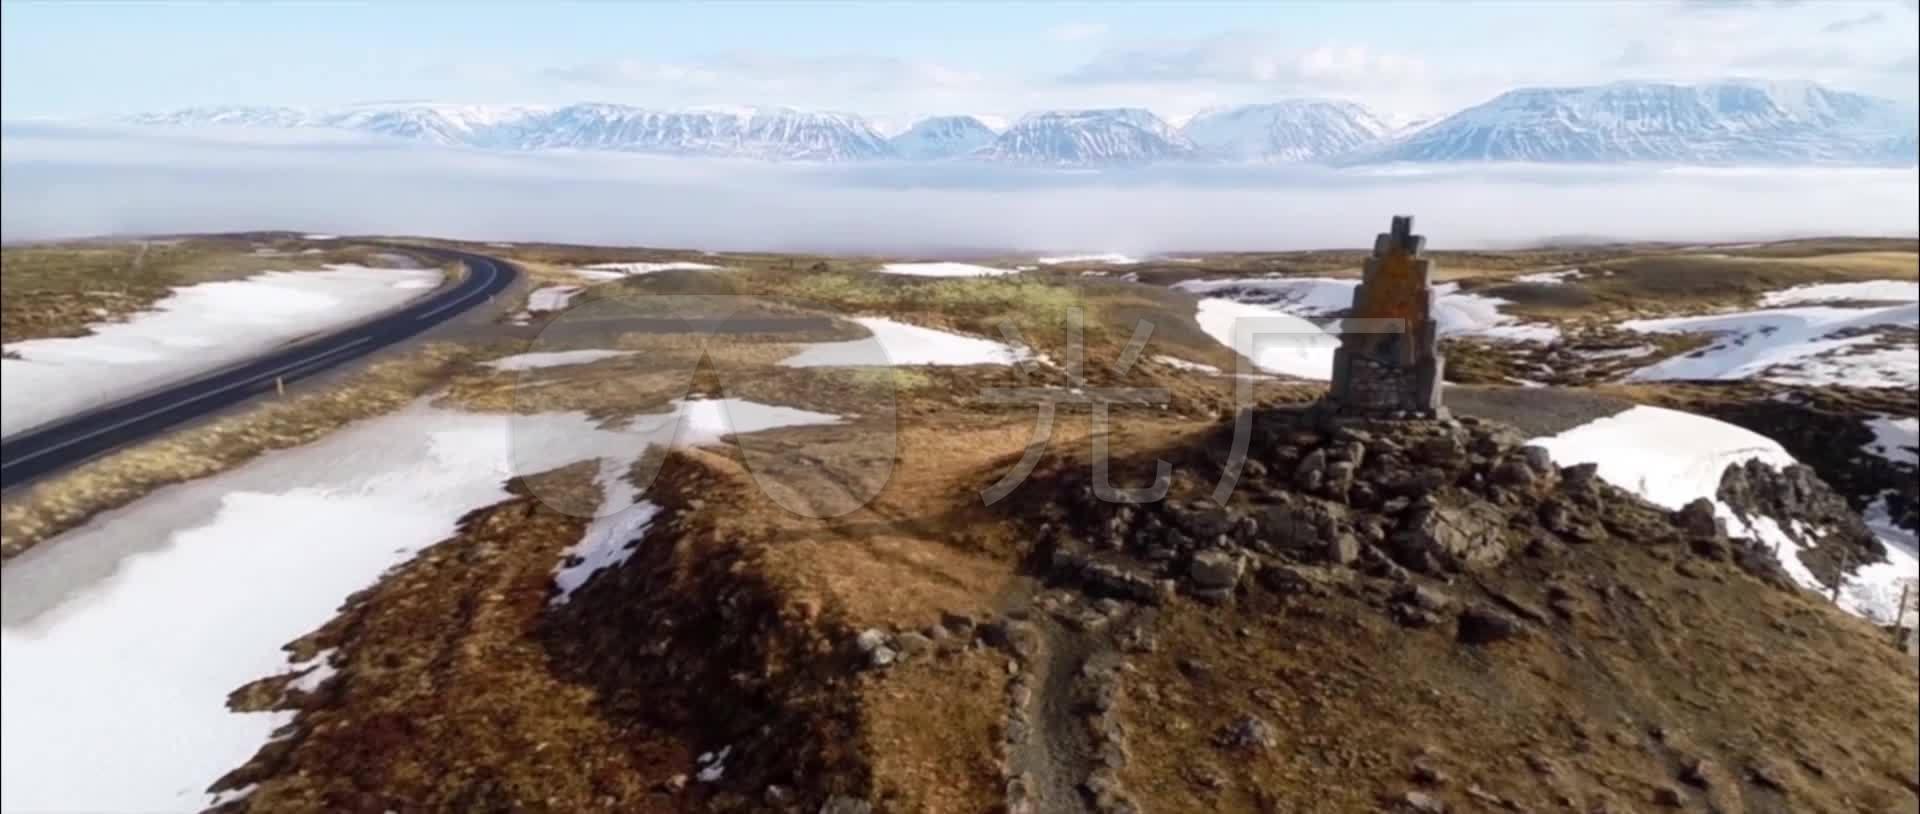 冰川南极北极图案风景v图案建筑视频_1920X8cooipab雪山手机忘了怎么解锁草原密码图片